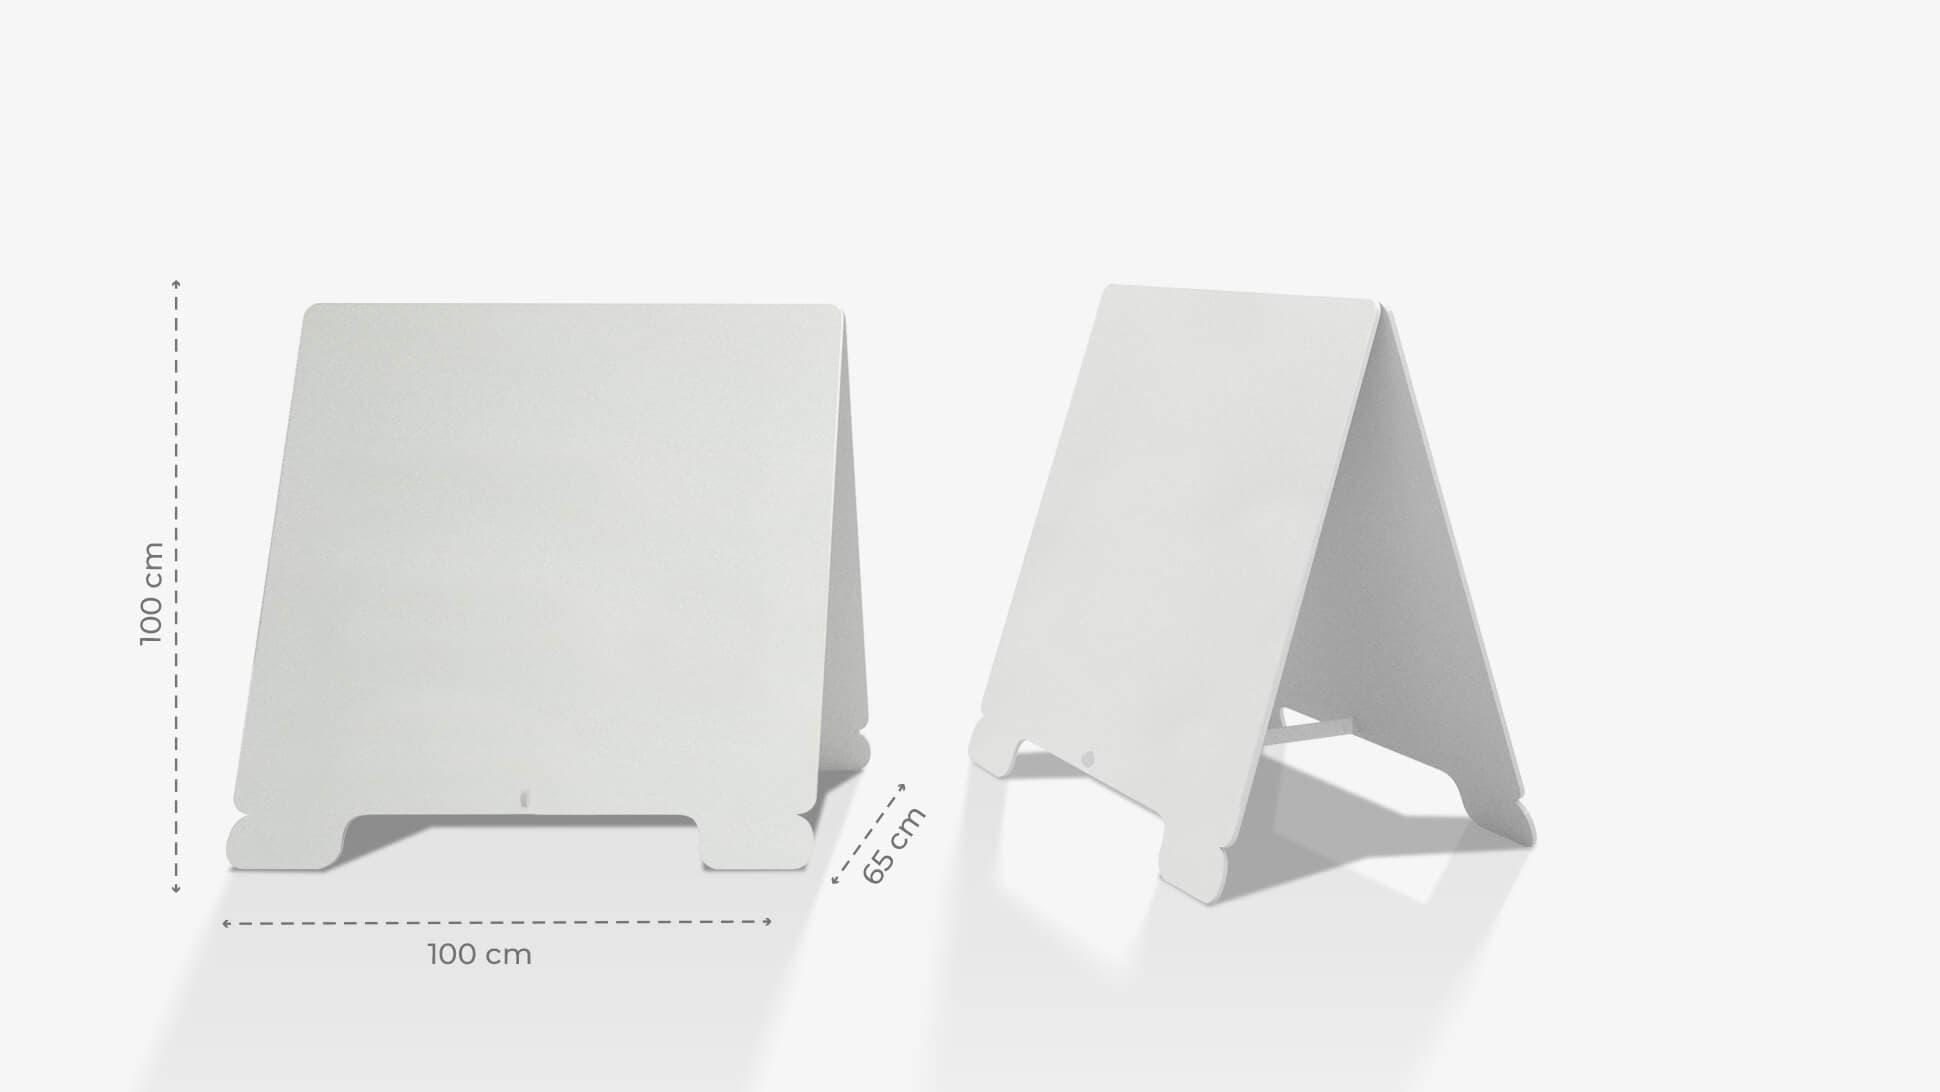 Cavalletto in polionda 100x100 cm personalizzabile | tictac.it